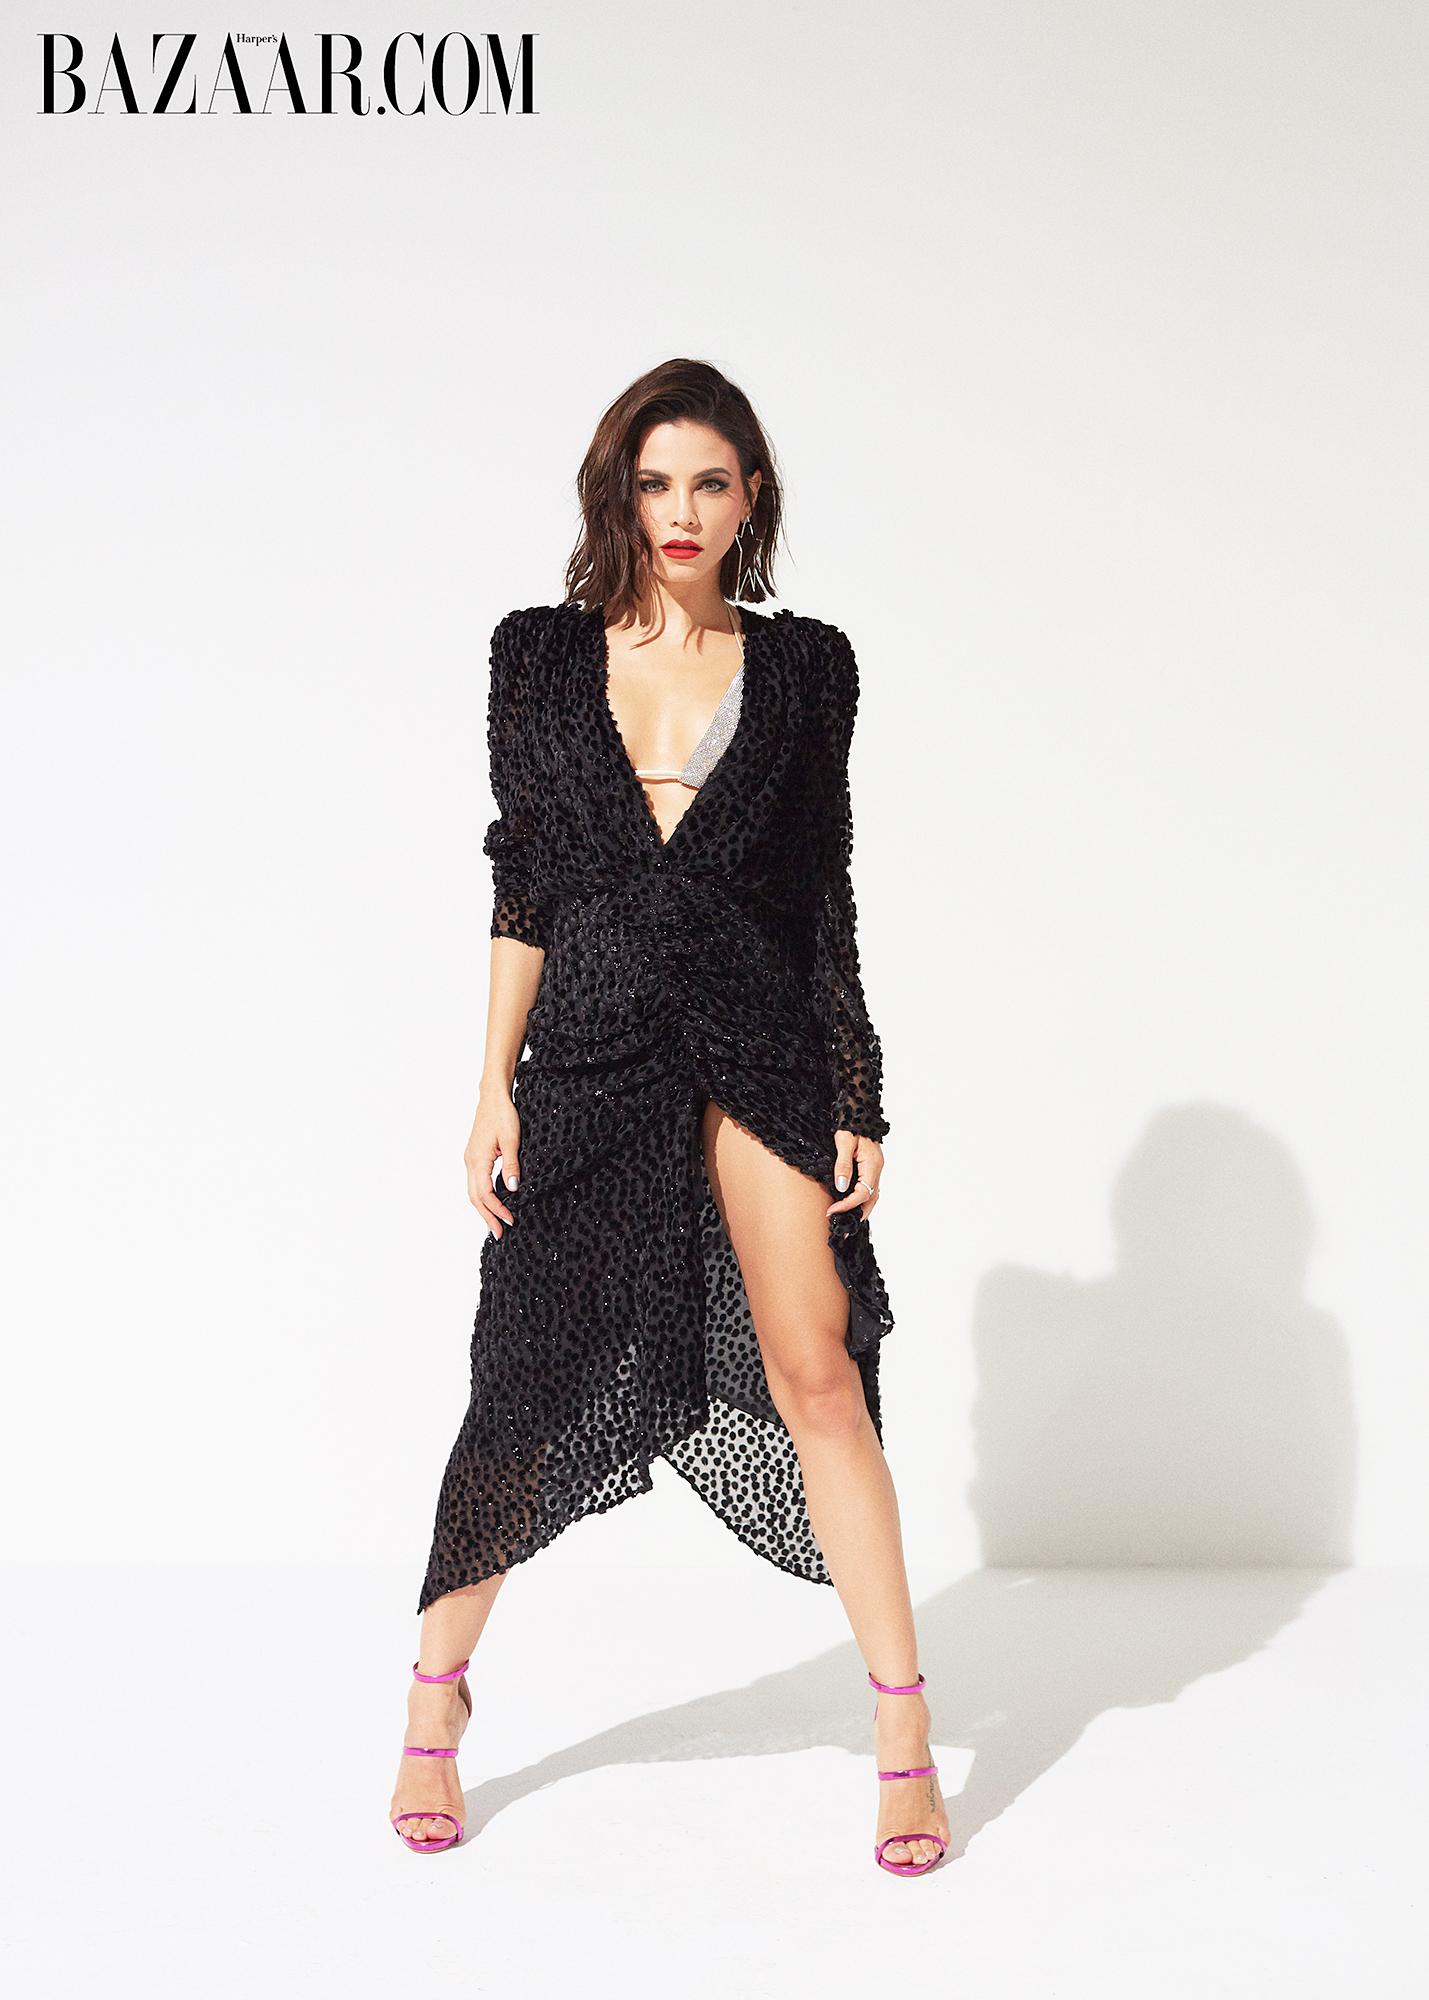 Jenna Dewan HarpersBAZAAR.com